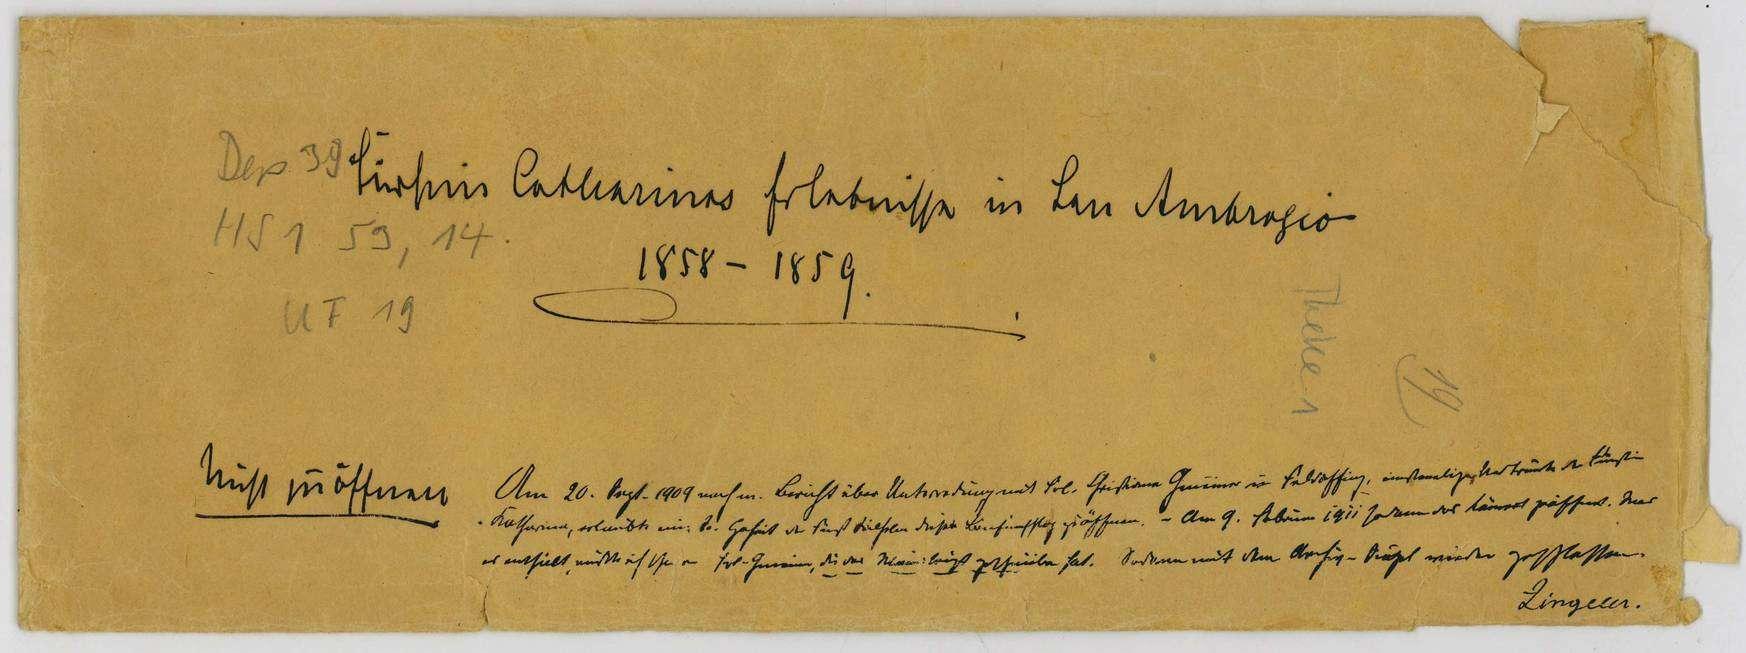 Erlebnisse der Fürstin Katharina von Hohenzollern-Sigmaringen in Sant´Ambrogio zu Rom, 1858-1859, notiert von Christiane Gmeiner 1870, Bild 1